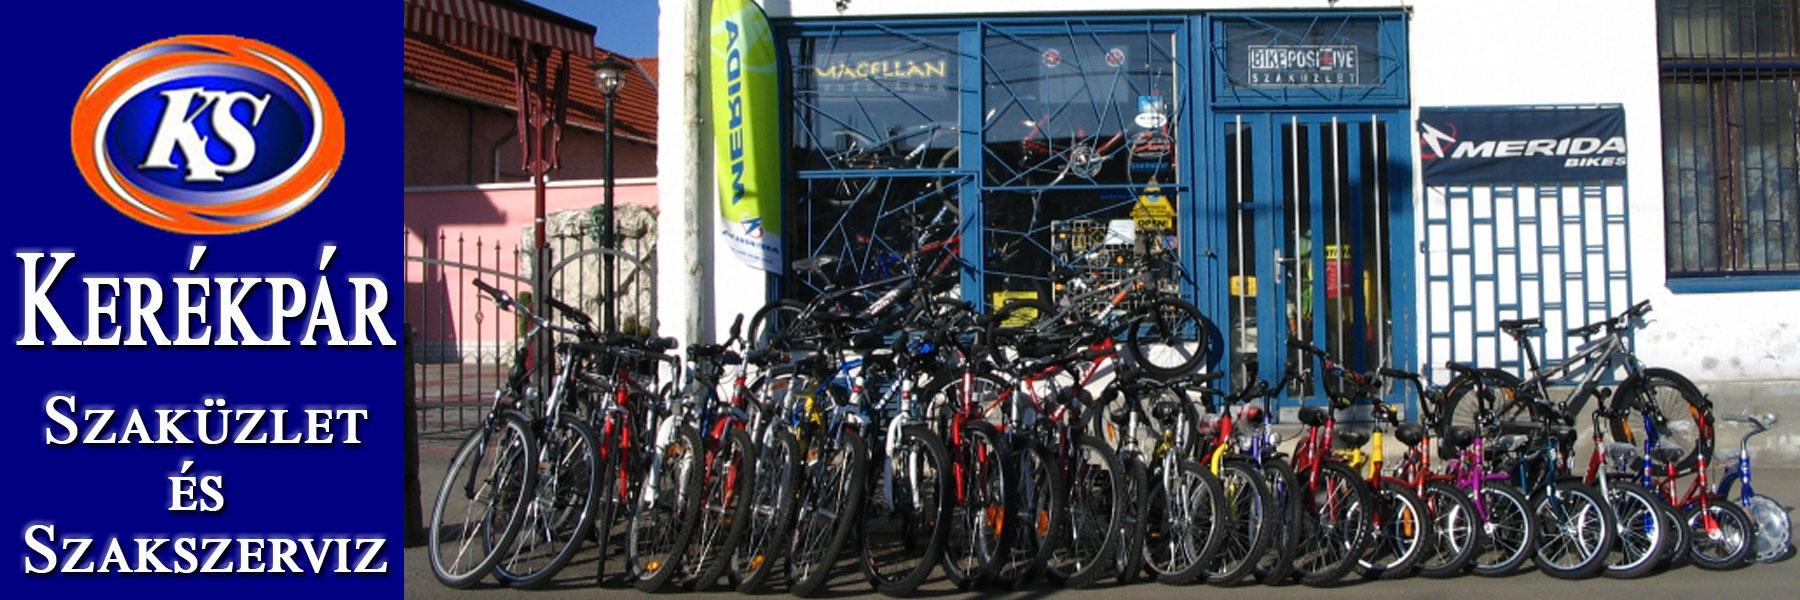 Kerékpárok értékesítése